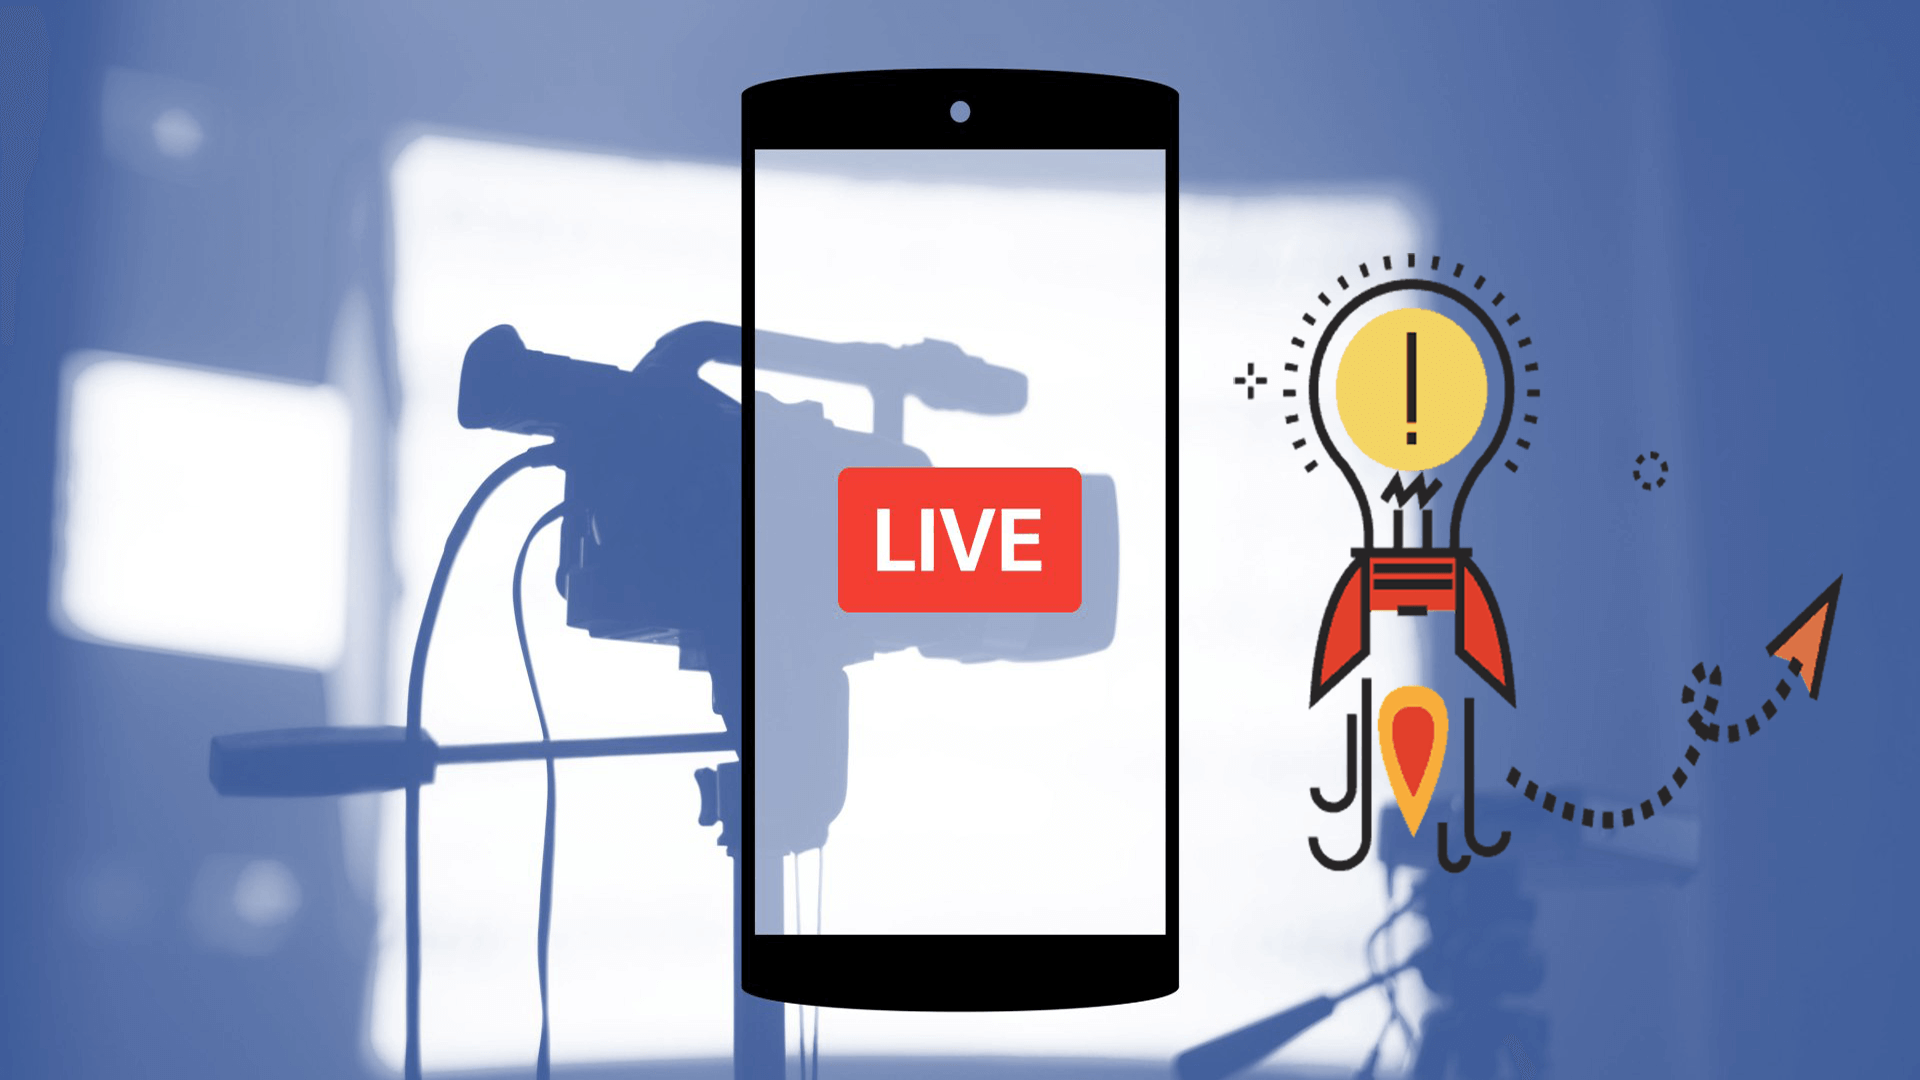 Facebook Live Video Ideas